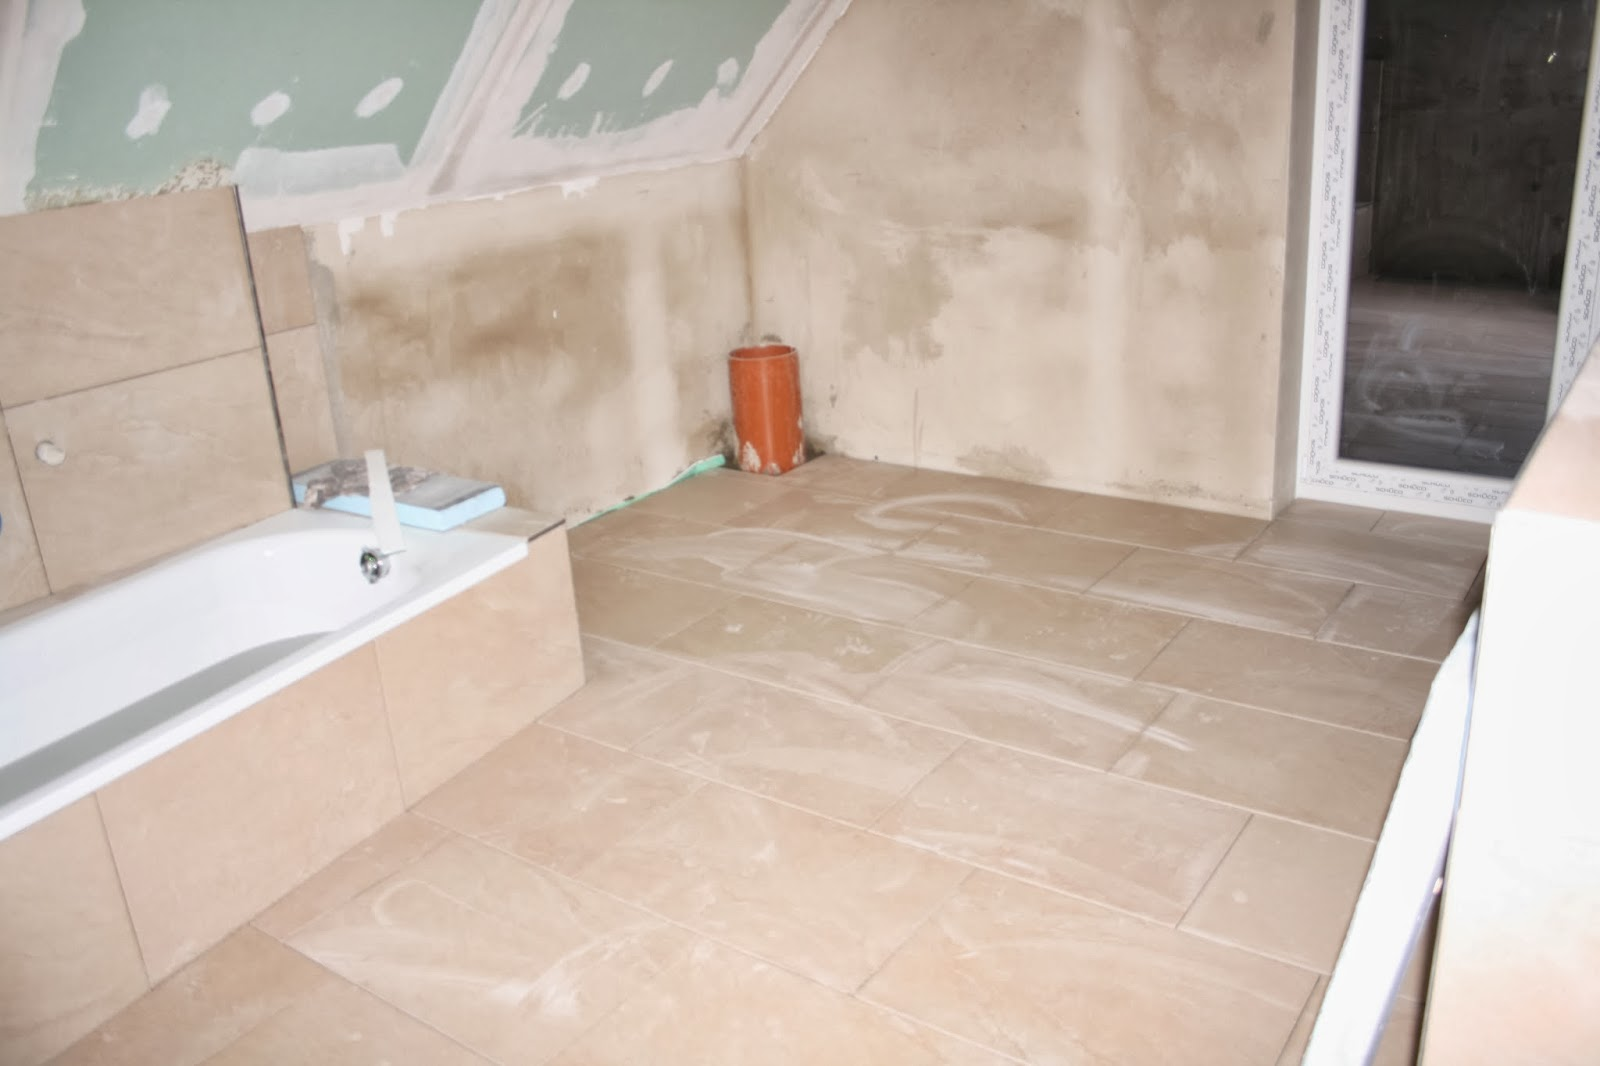 die baukiste keine heizung in sicht tag 144. Black Bedroom Furniture Sets. Home Design Ideas